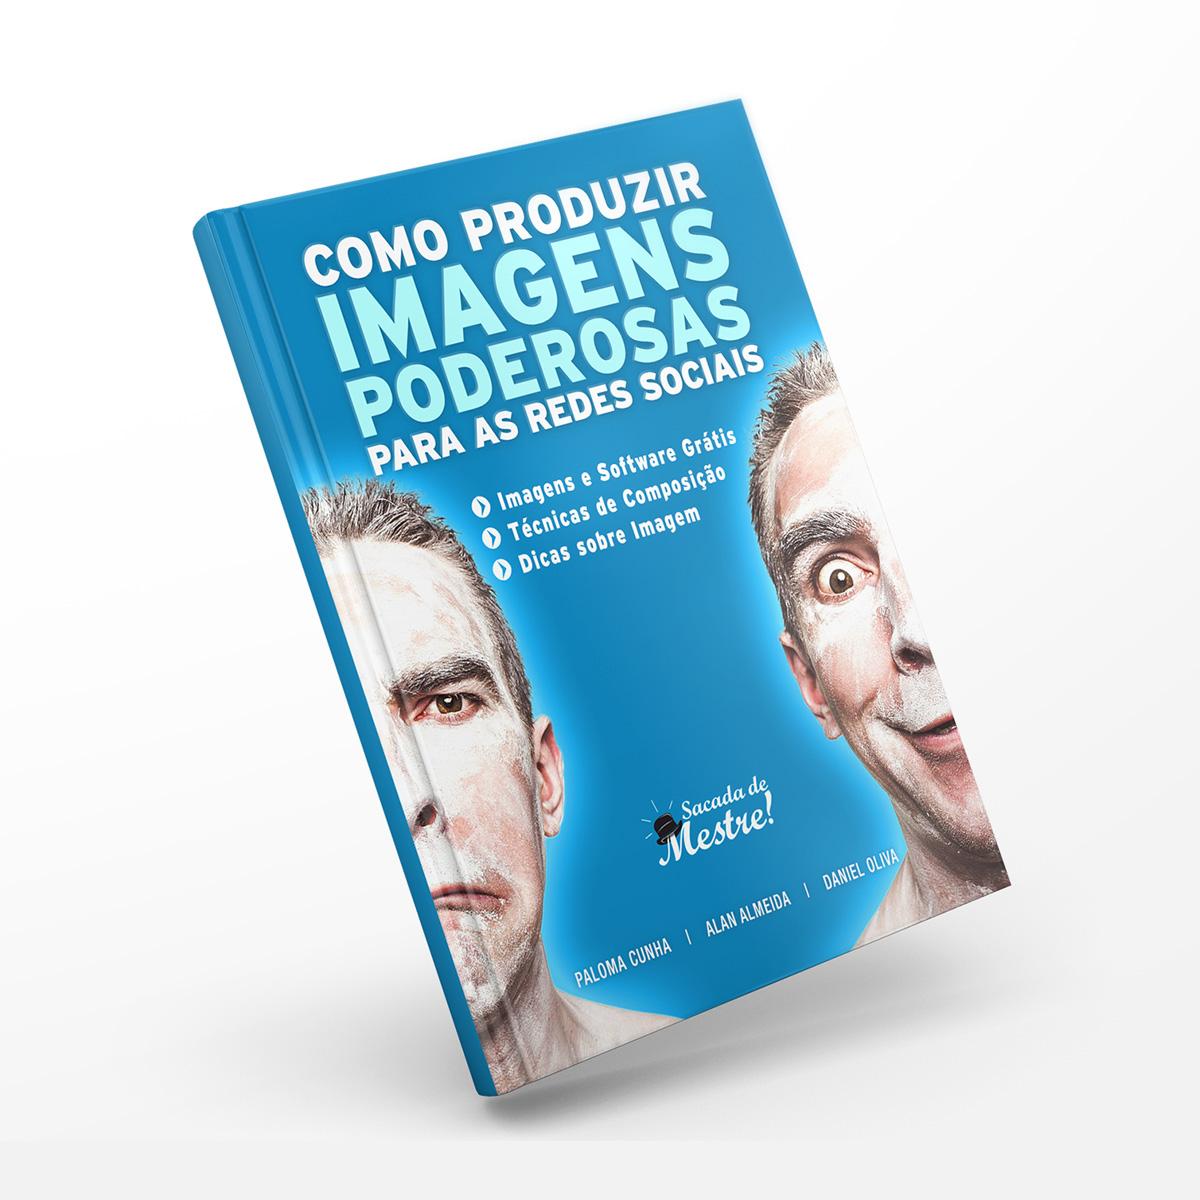 Bônus Livro Imagens Poderosas